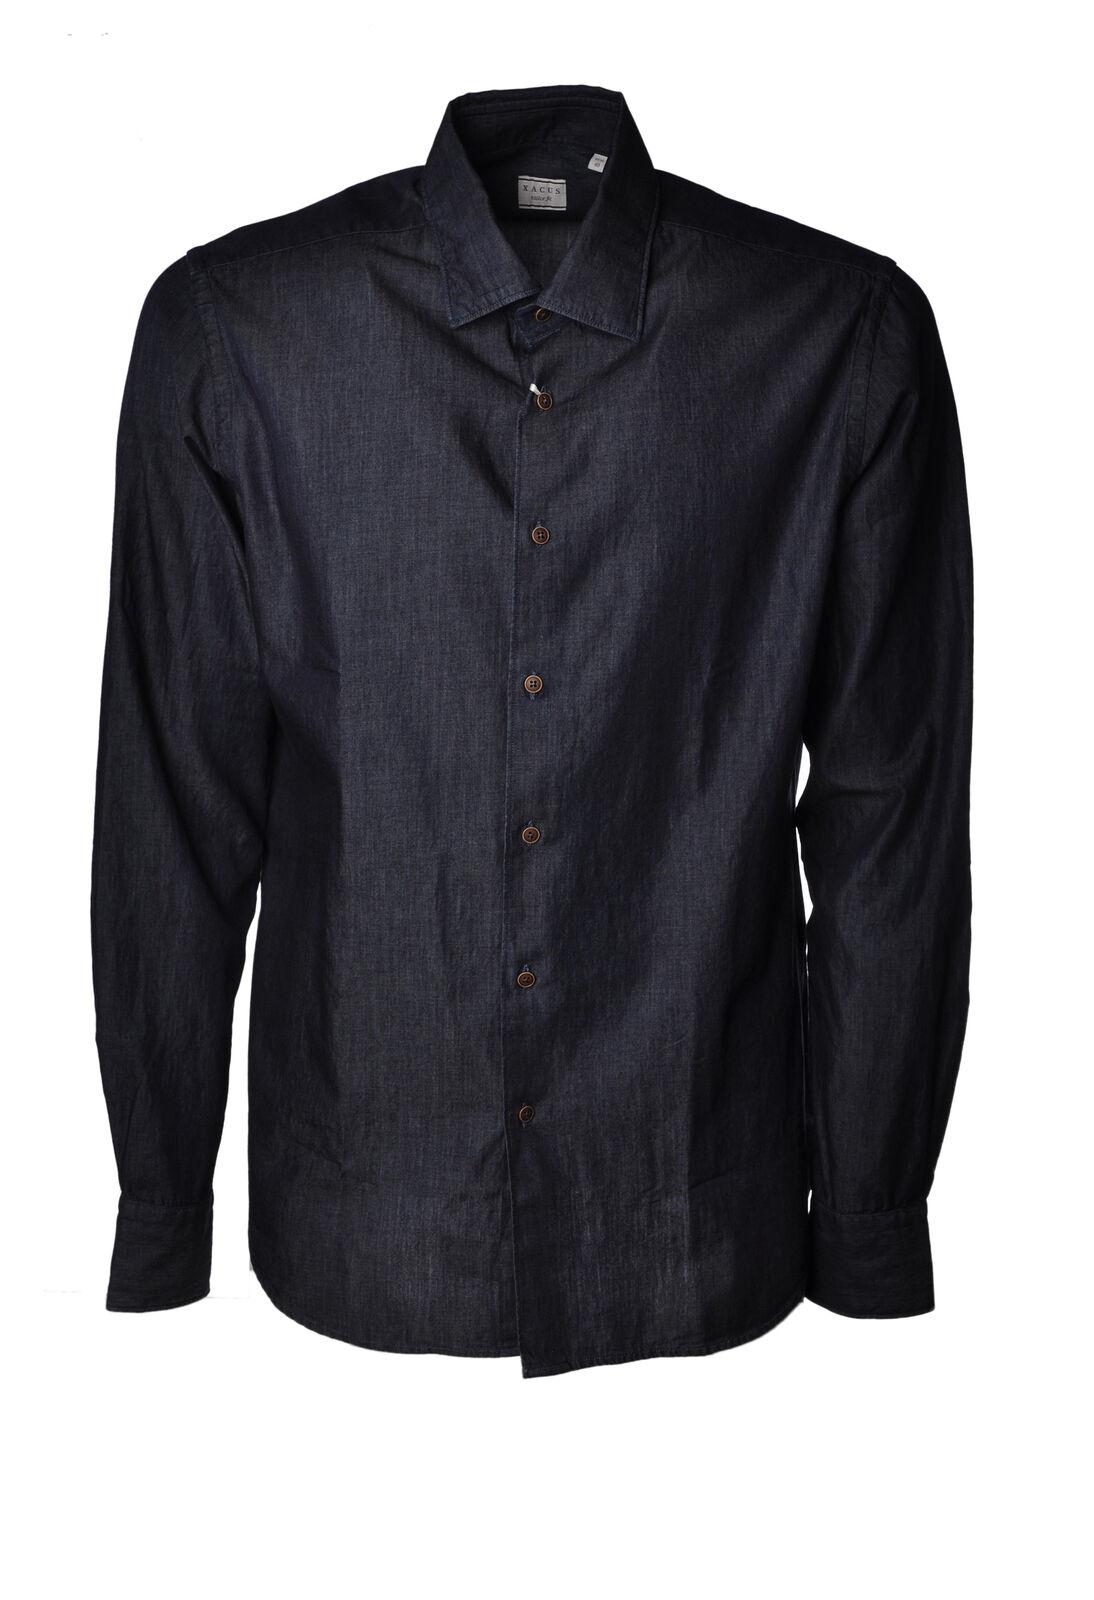 Xacus  -  Shirts - Male - Denim - 3176615A183700